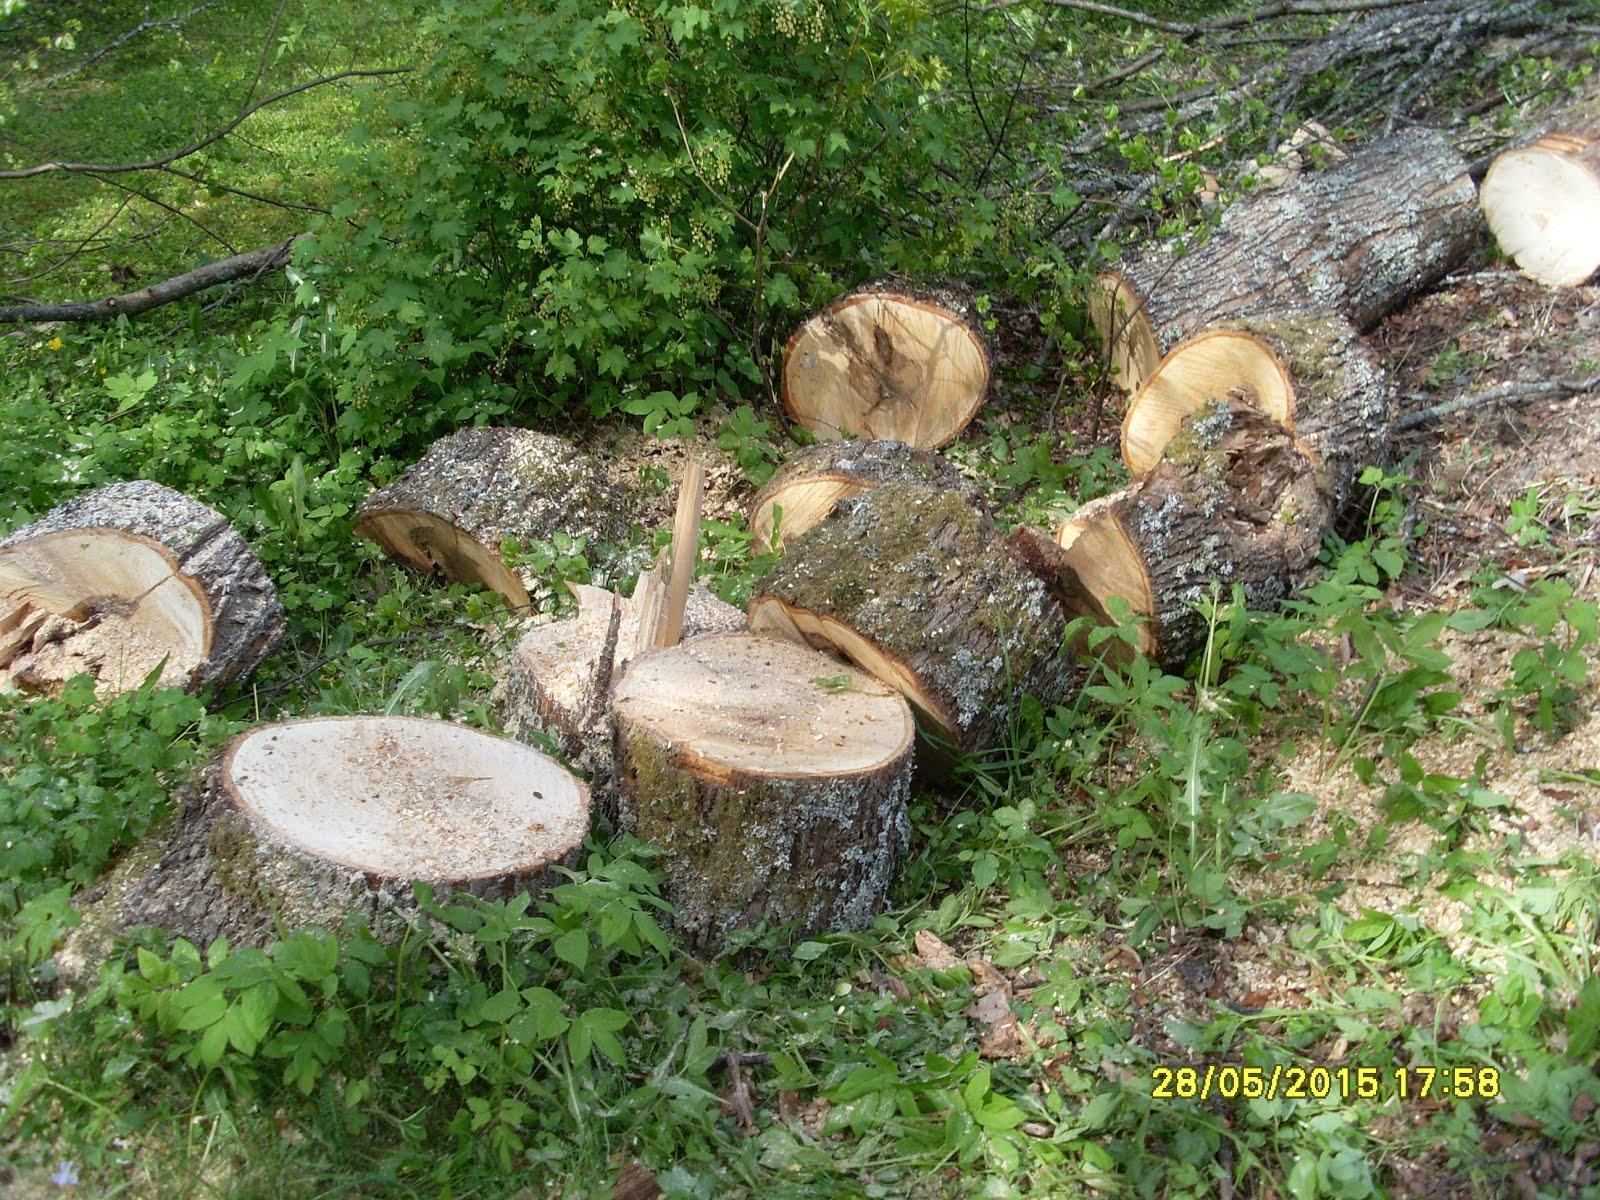 Pätkin kaadetut pihapuut 50 euroa alkava tunti n. 30 cm paloiksi kirveellä palasteltaviksi